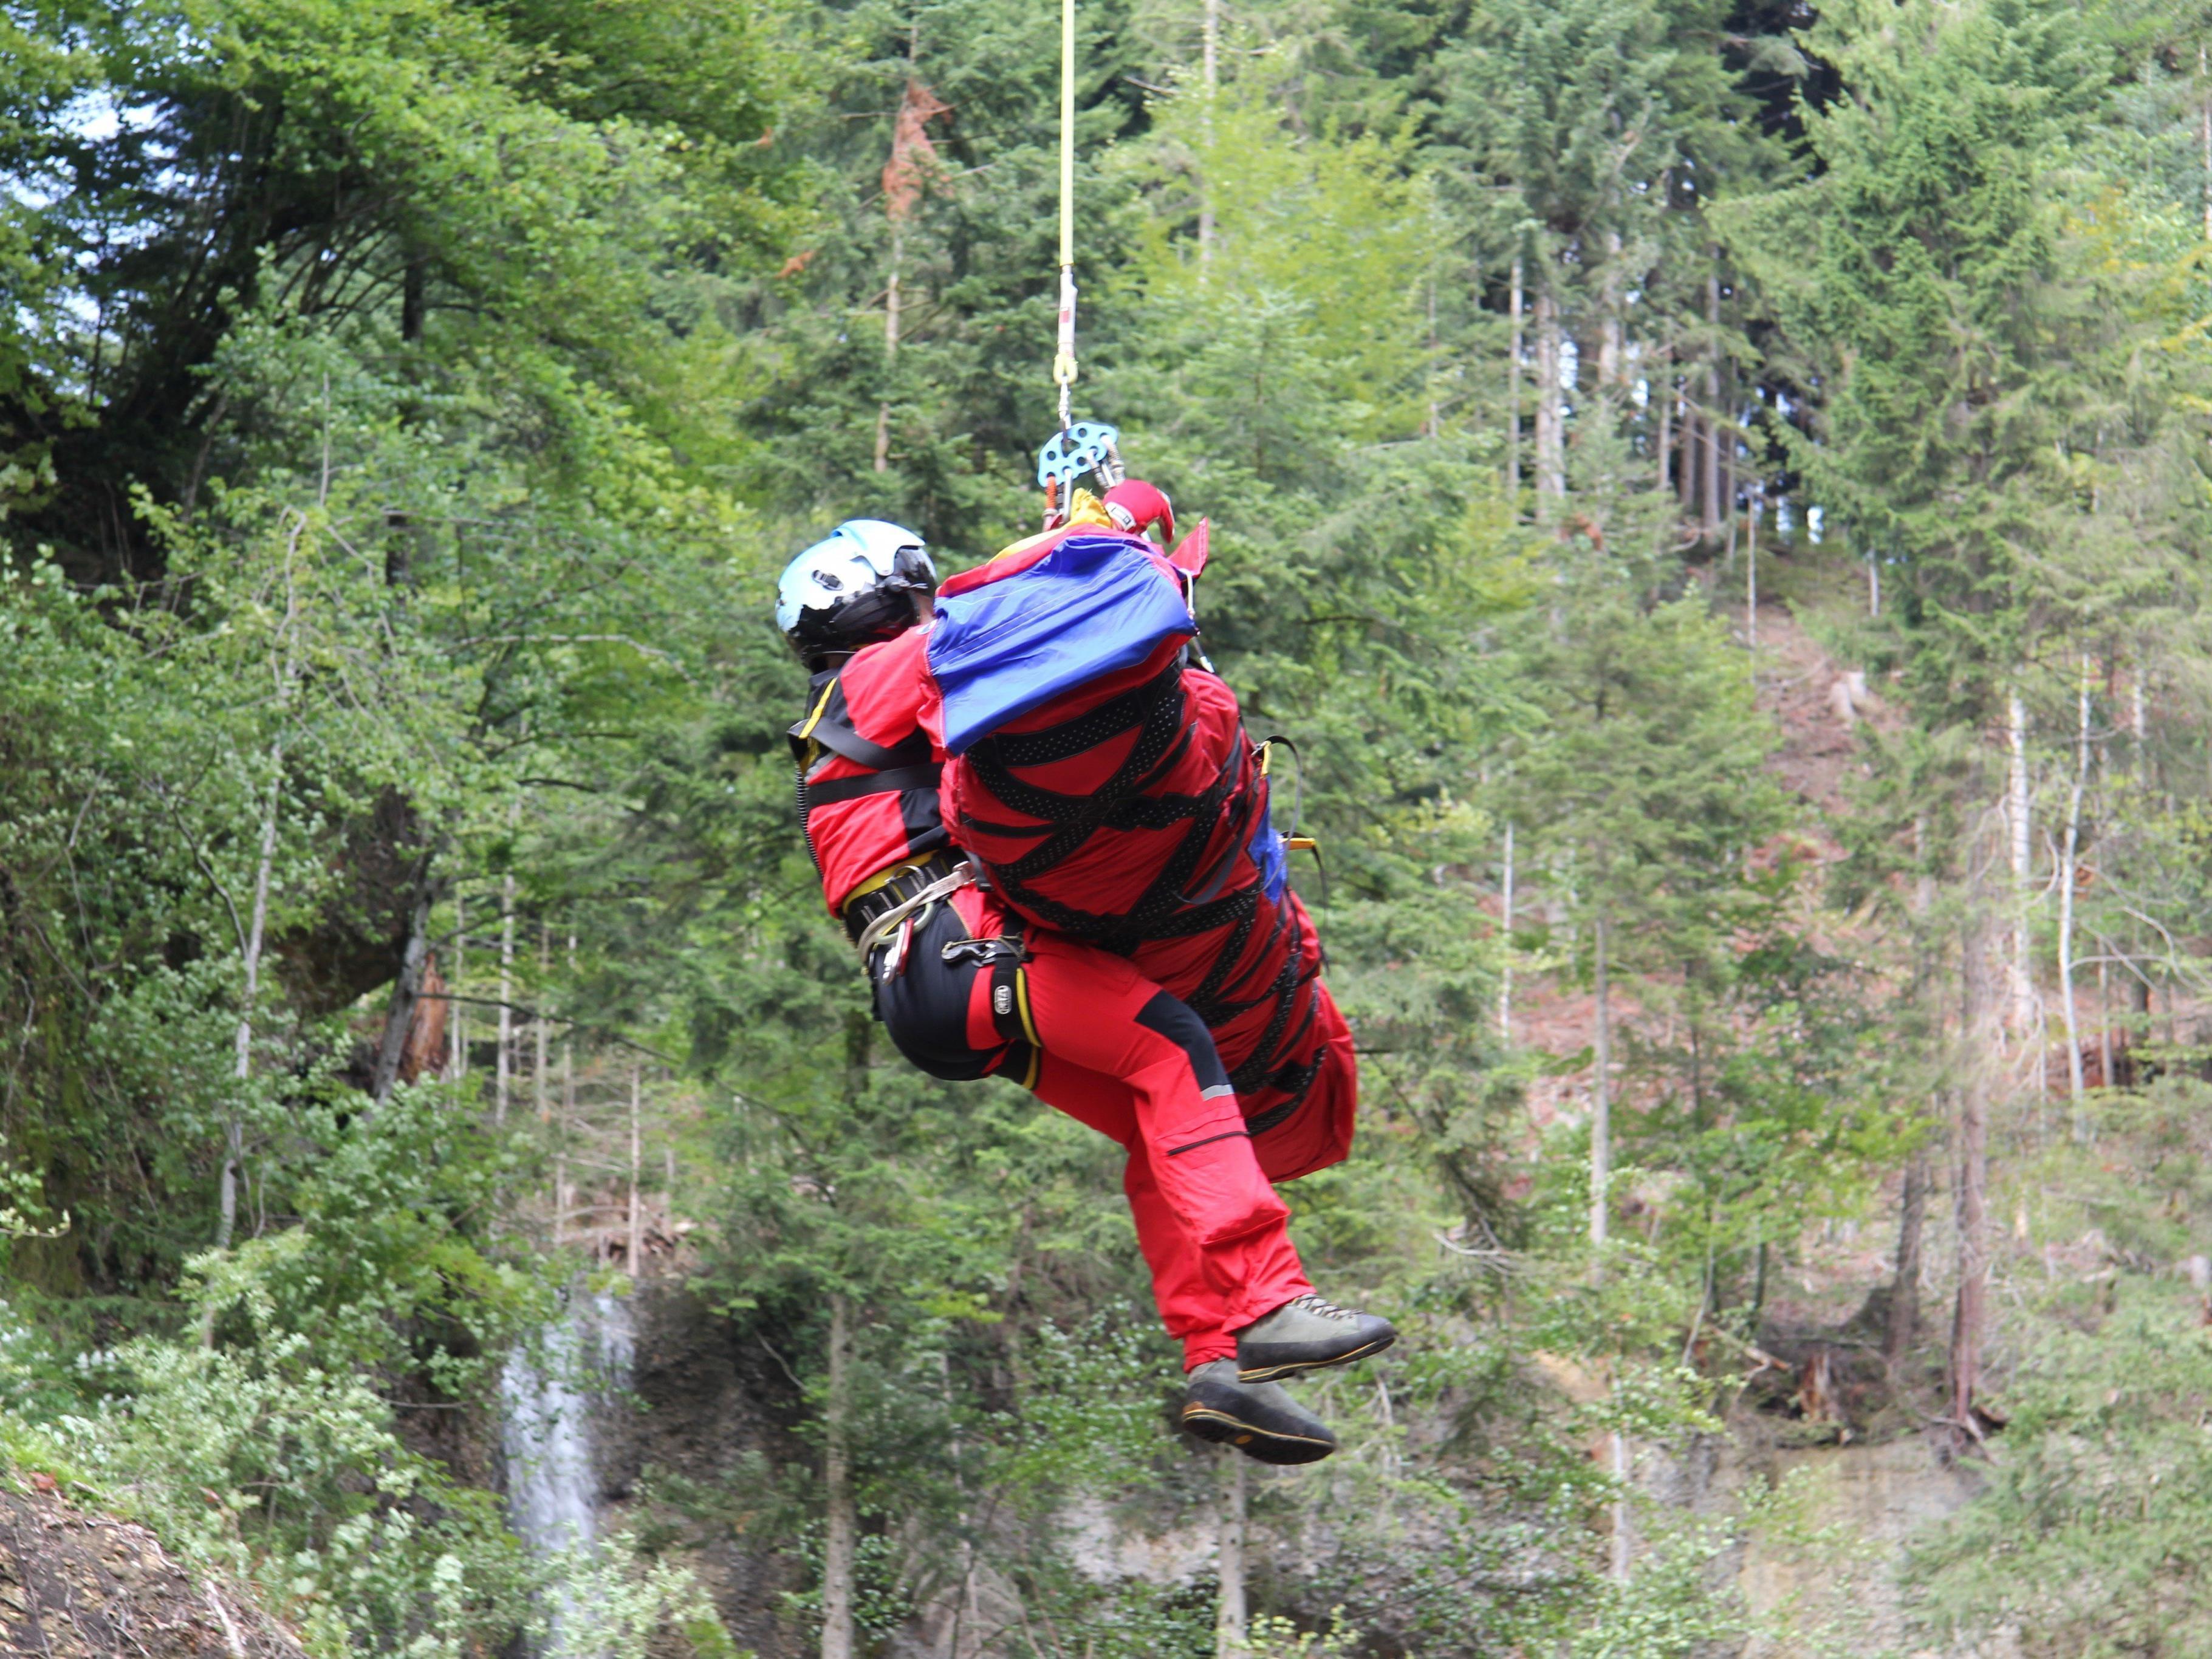 Die Bergrettung Vorarlberg hatte bereits 400 Alarmierungen dieses Jahr.